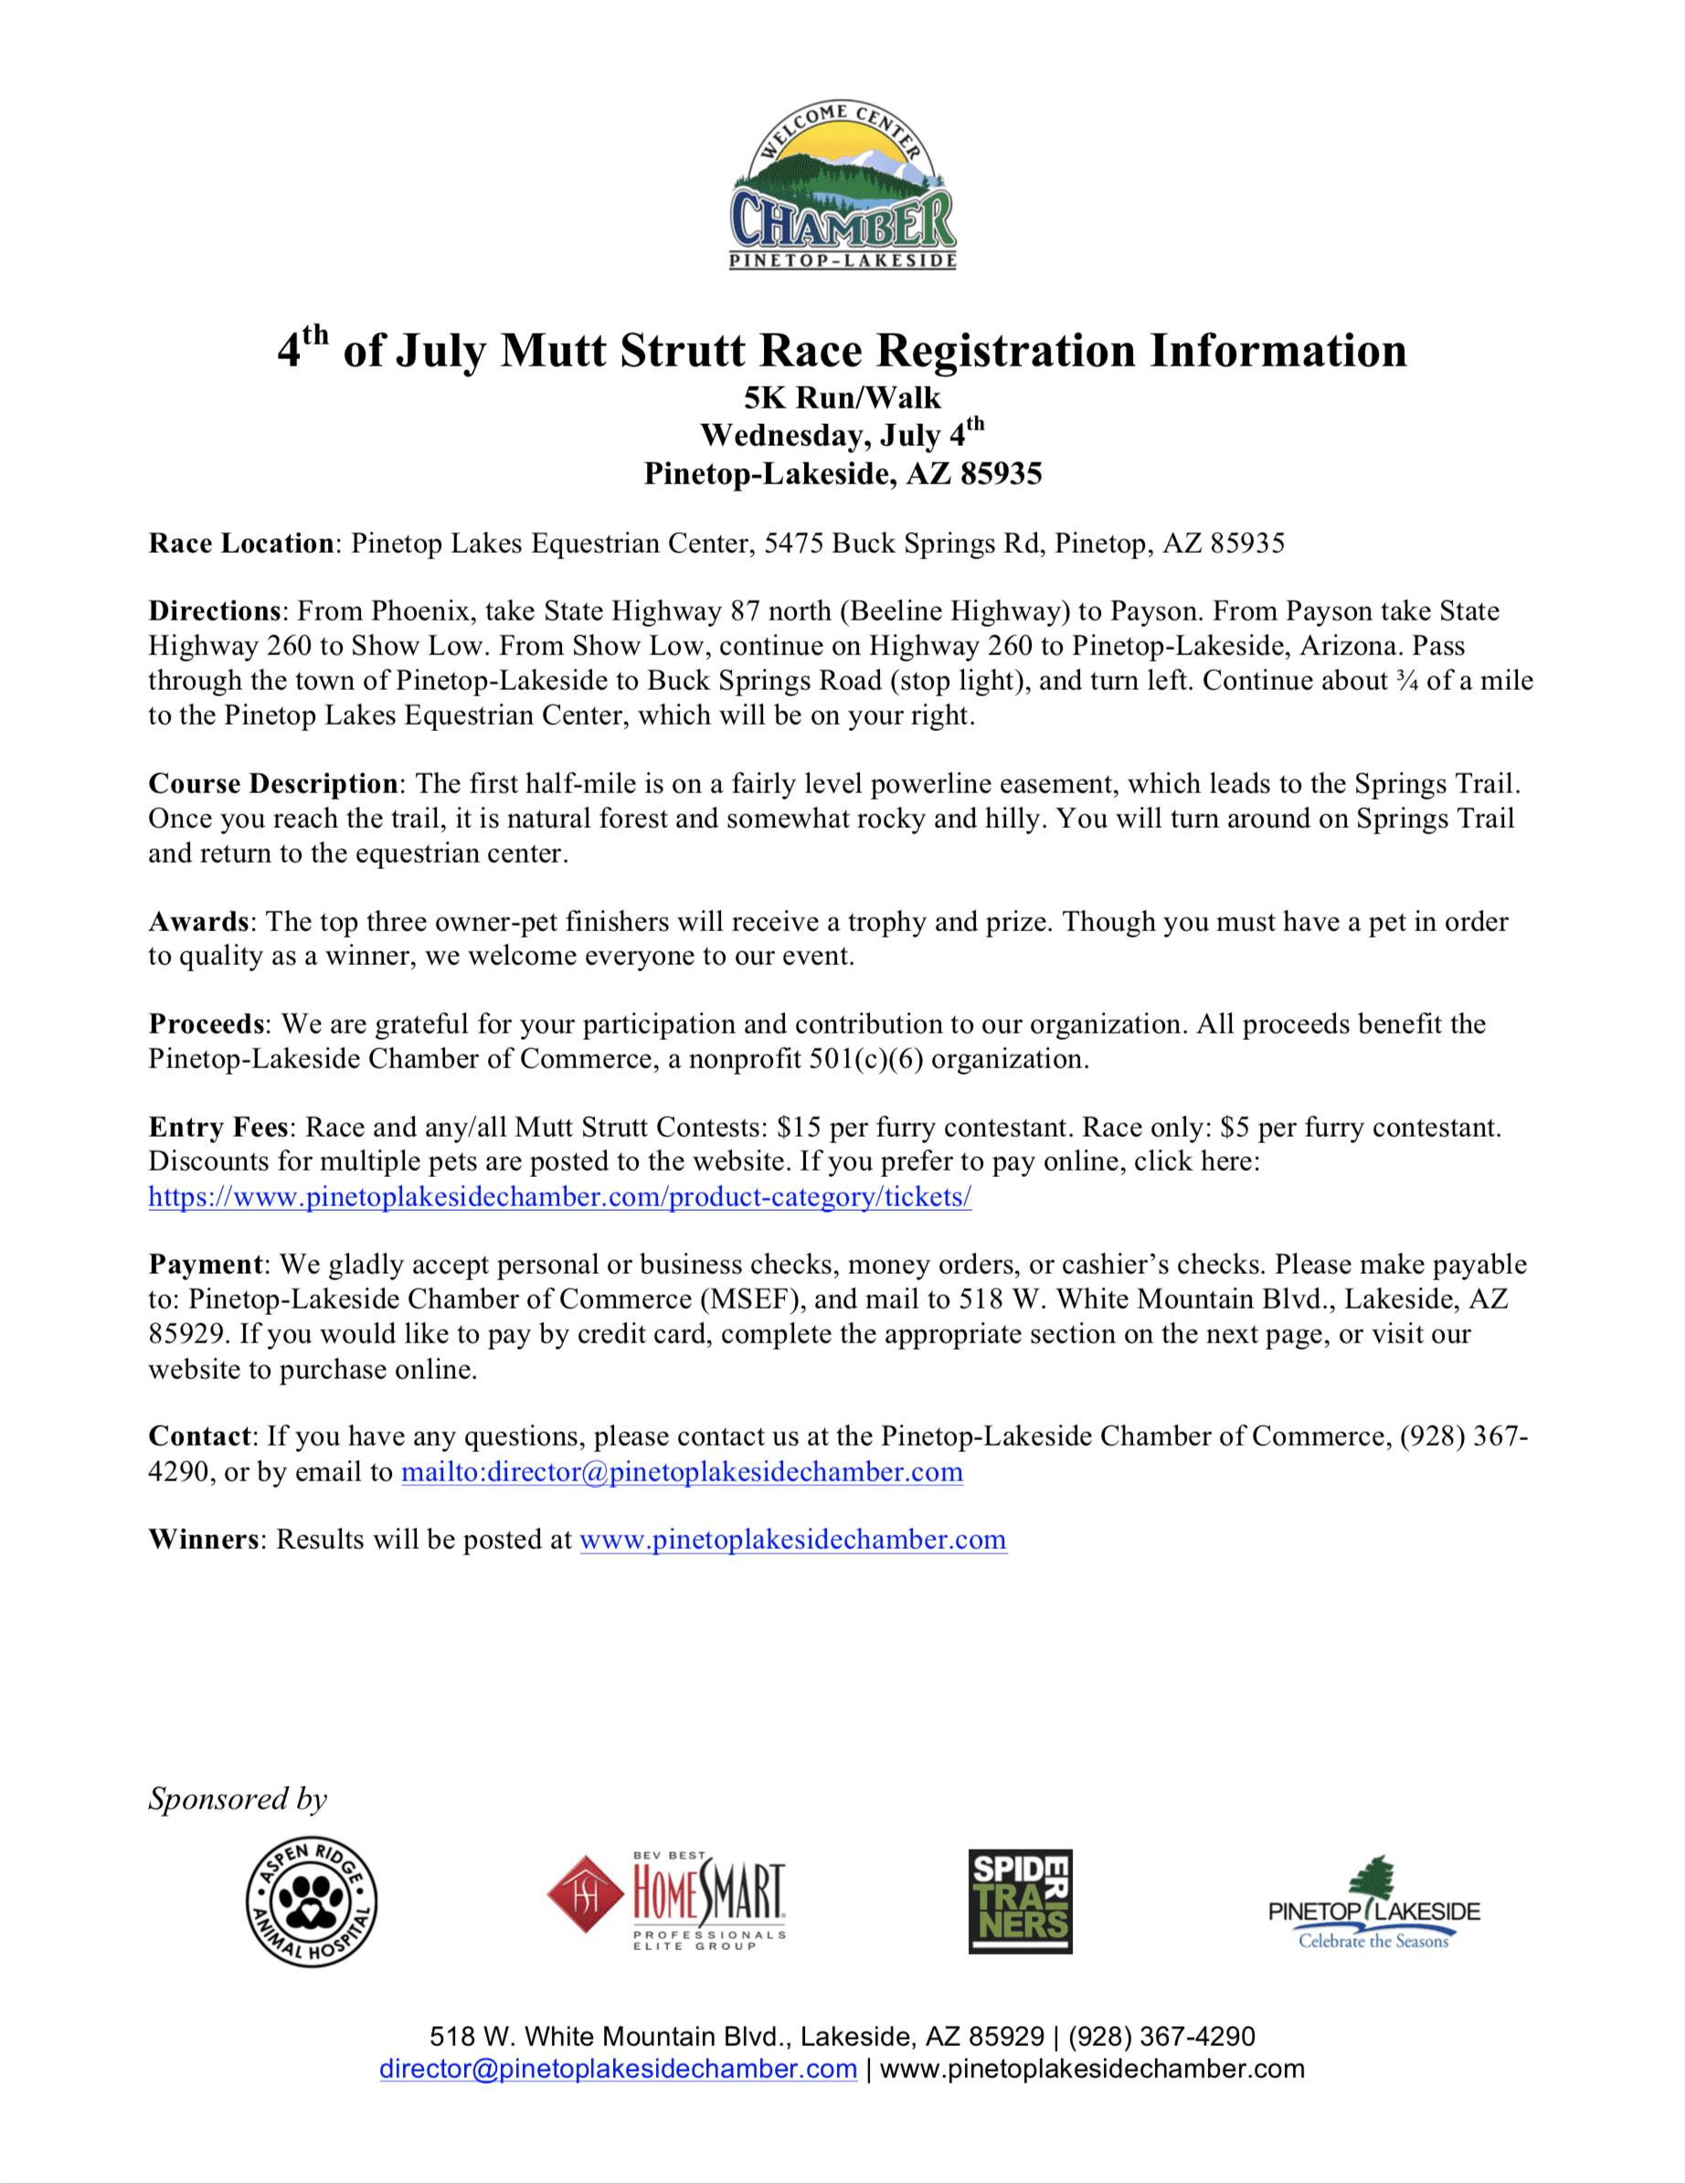 4th of July Mutt Strutt Run/Walk Registration Form (image)